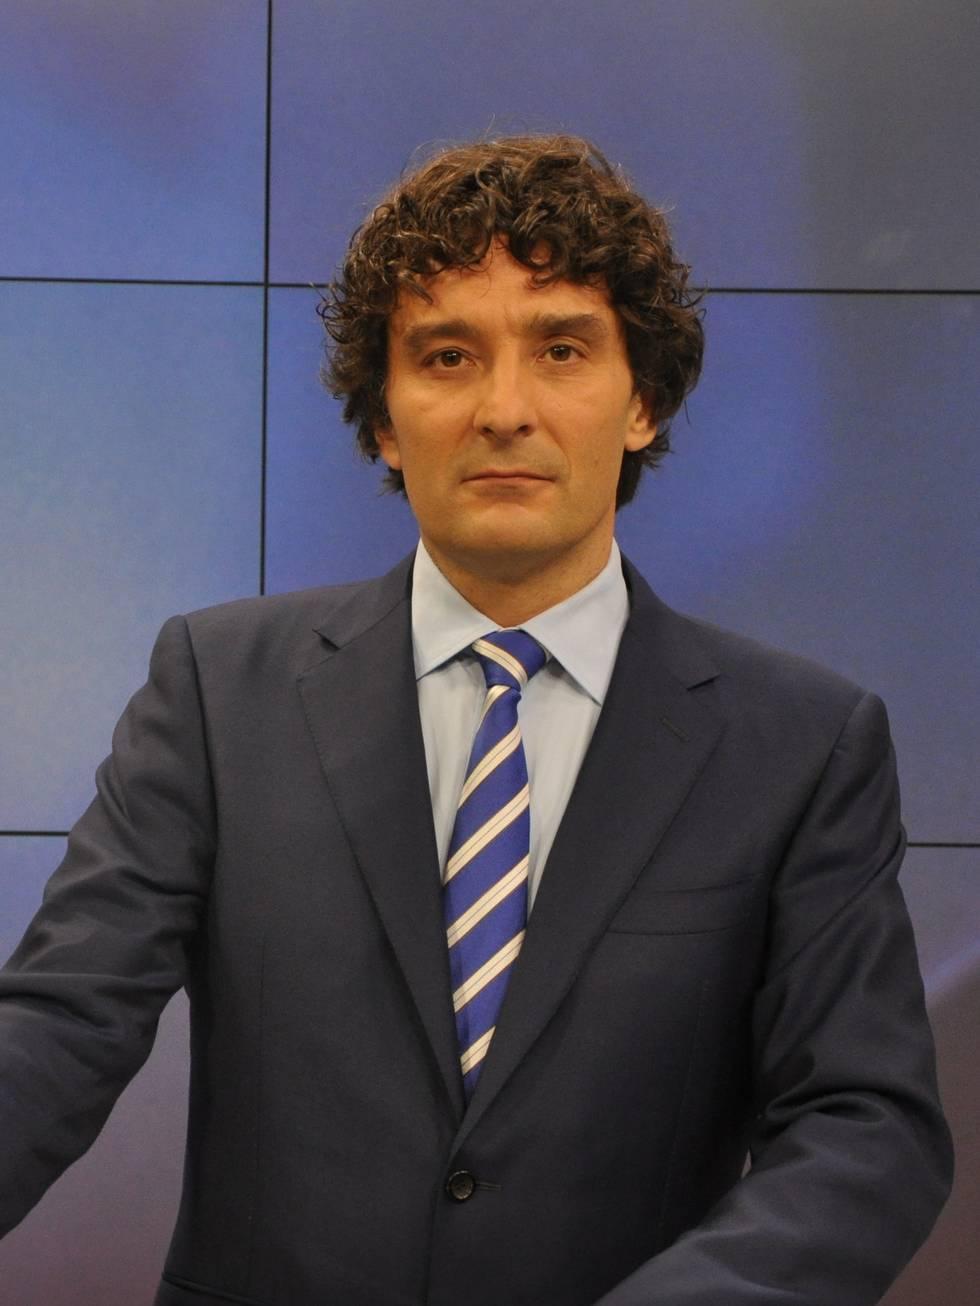 Lorenzo Buccella